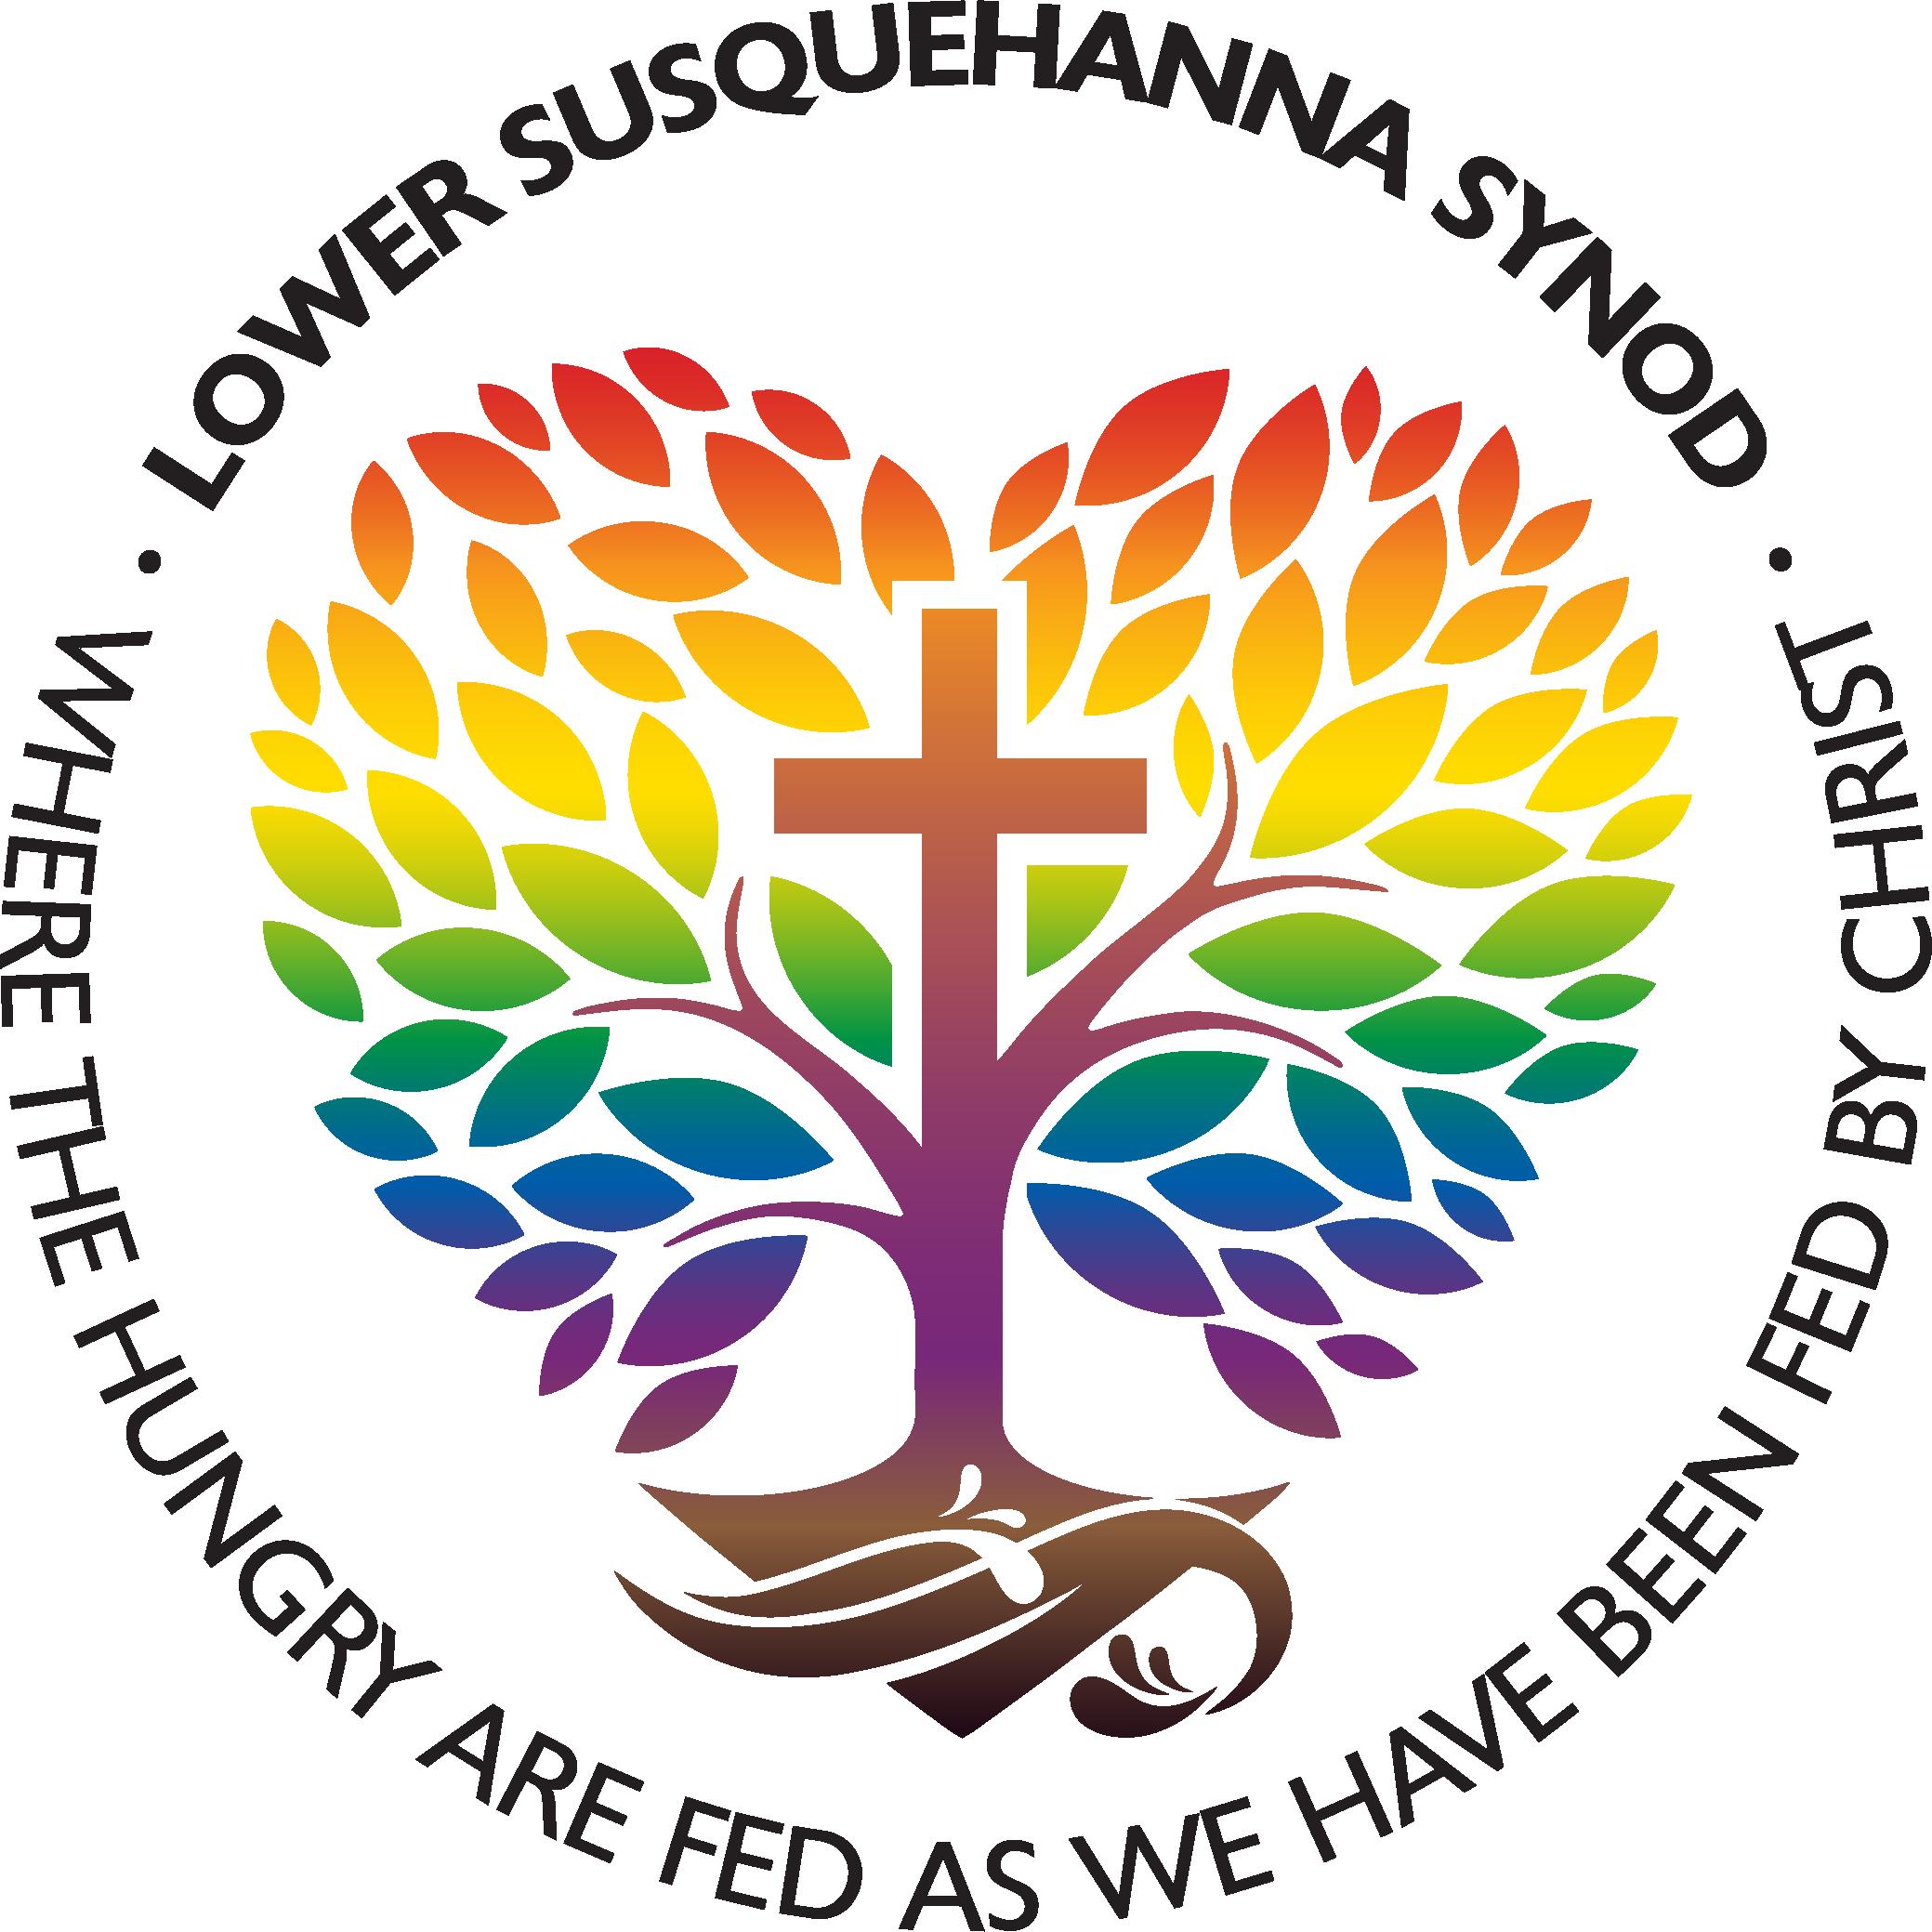 Lower Susquehanna Synod